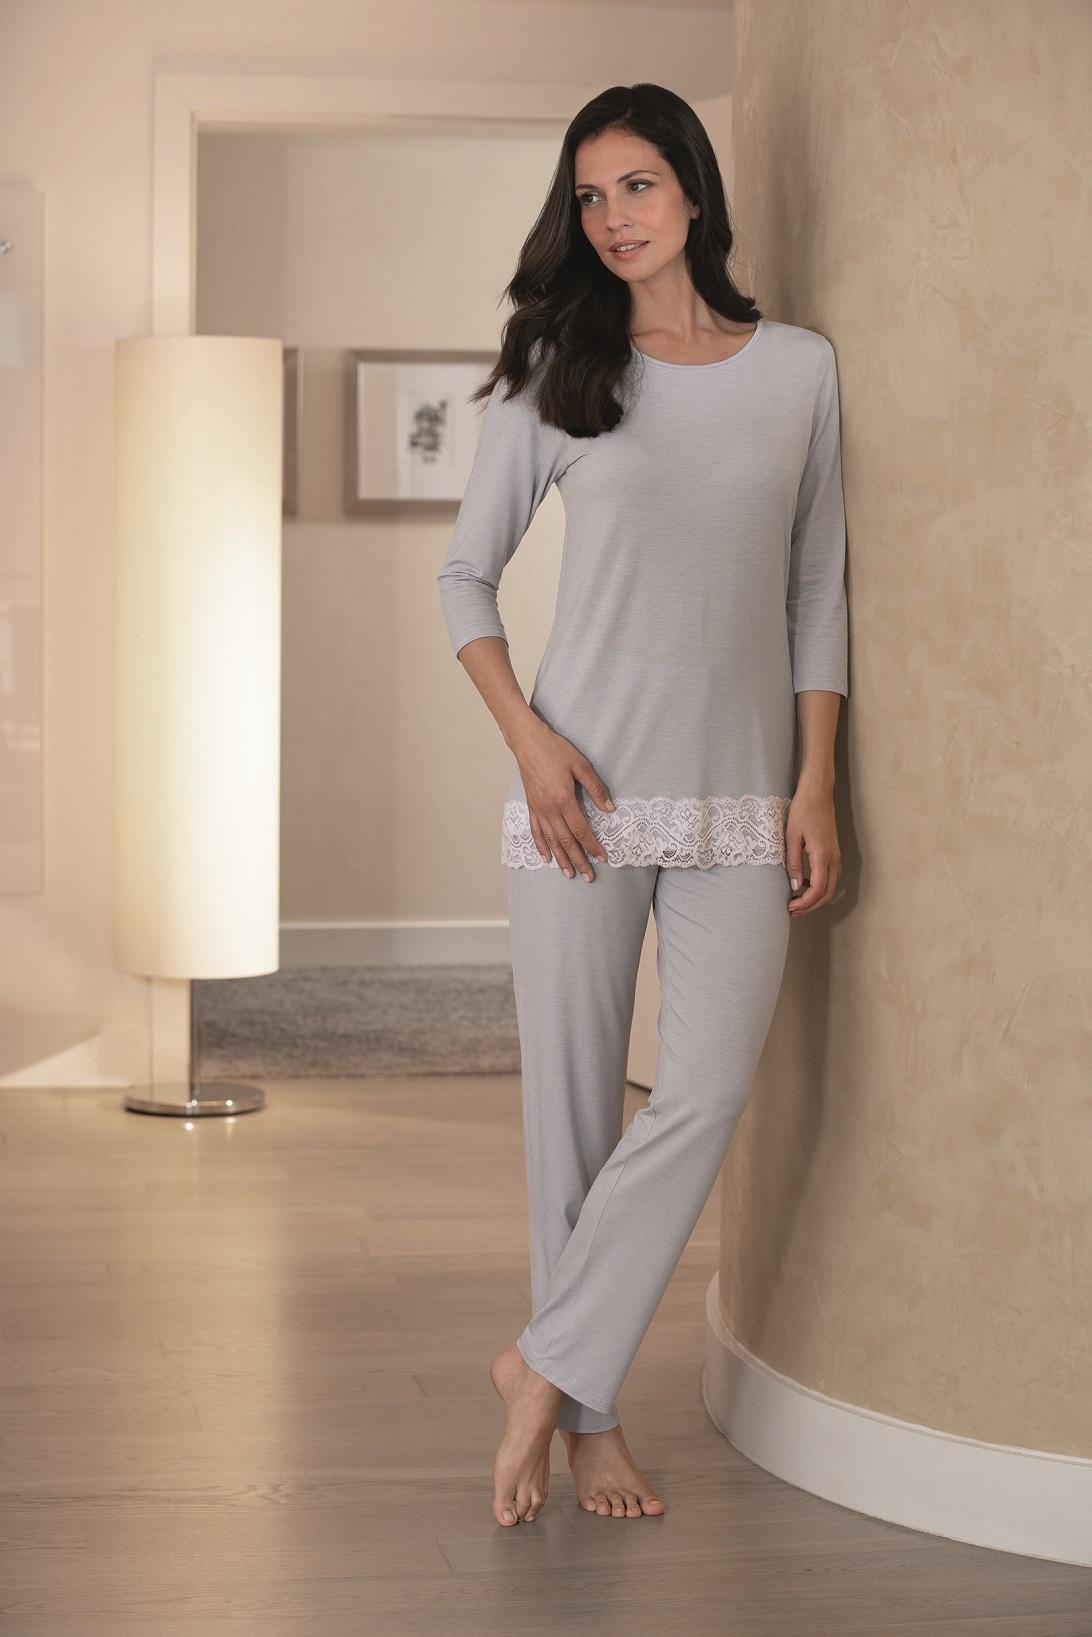 sale retailer d00ce 51329 Novila|Damen Pyjama Jersey|Damen Schlafanzug Jersey|Textile Träume